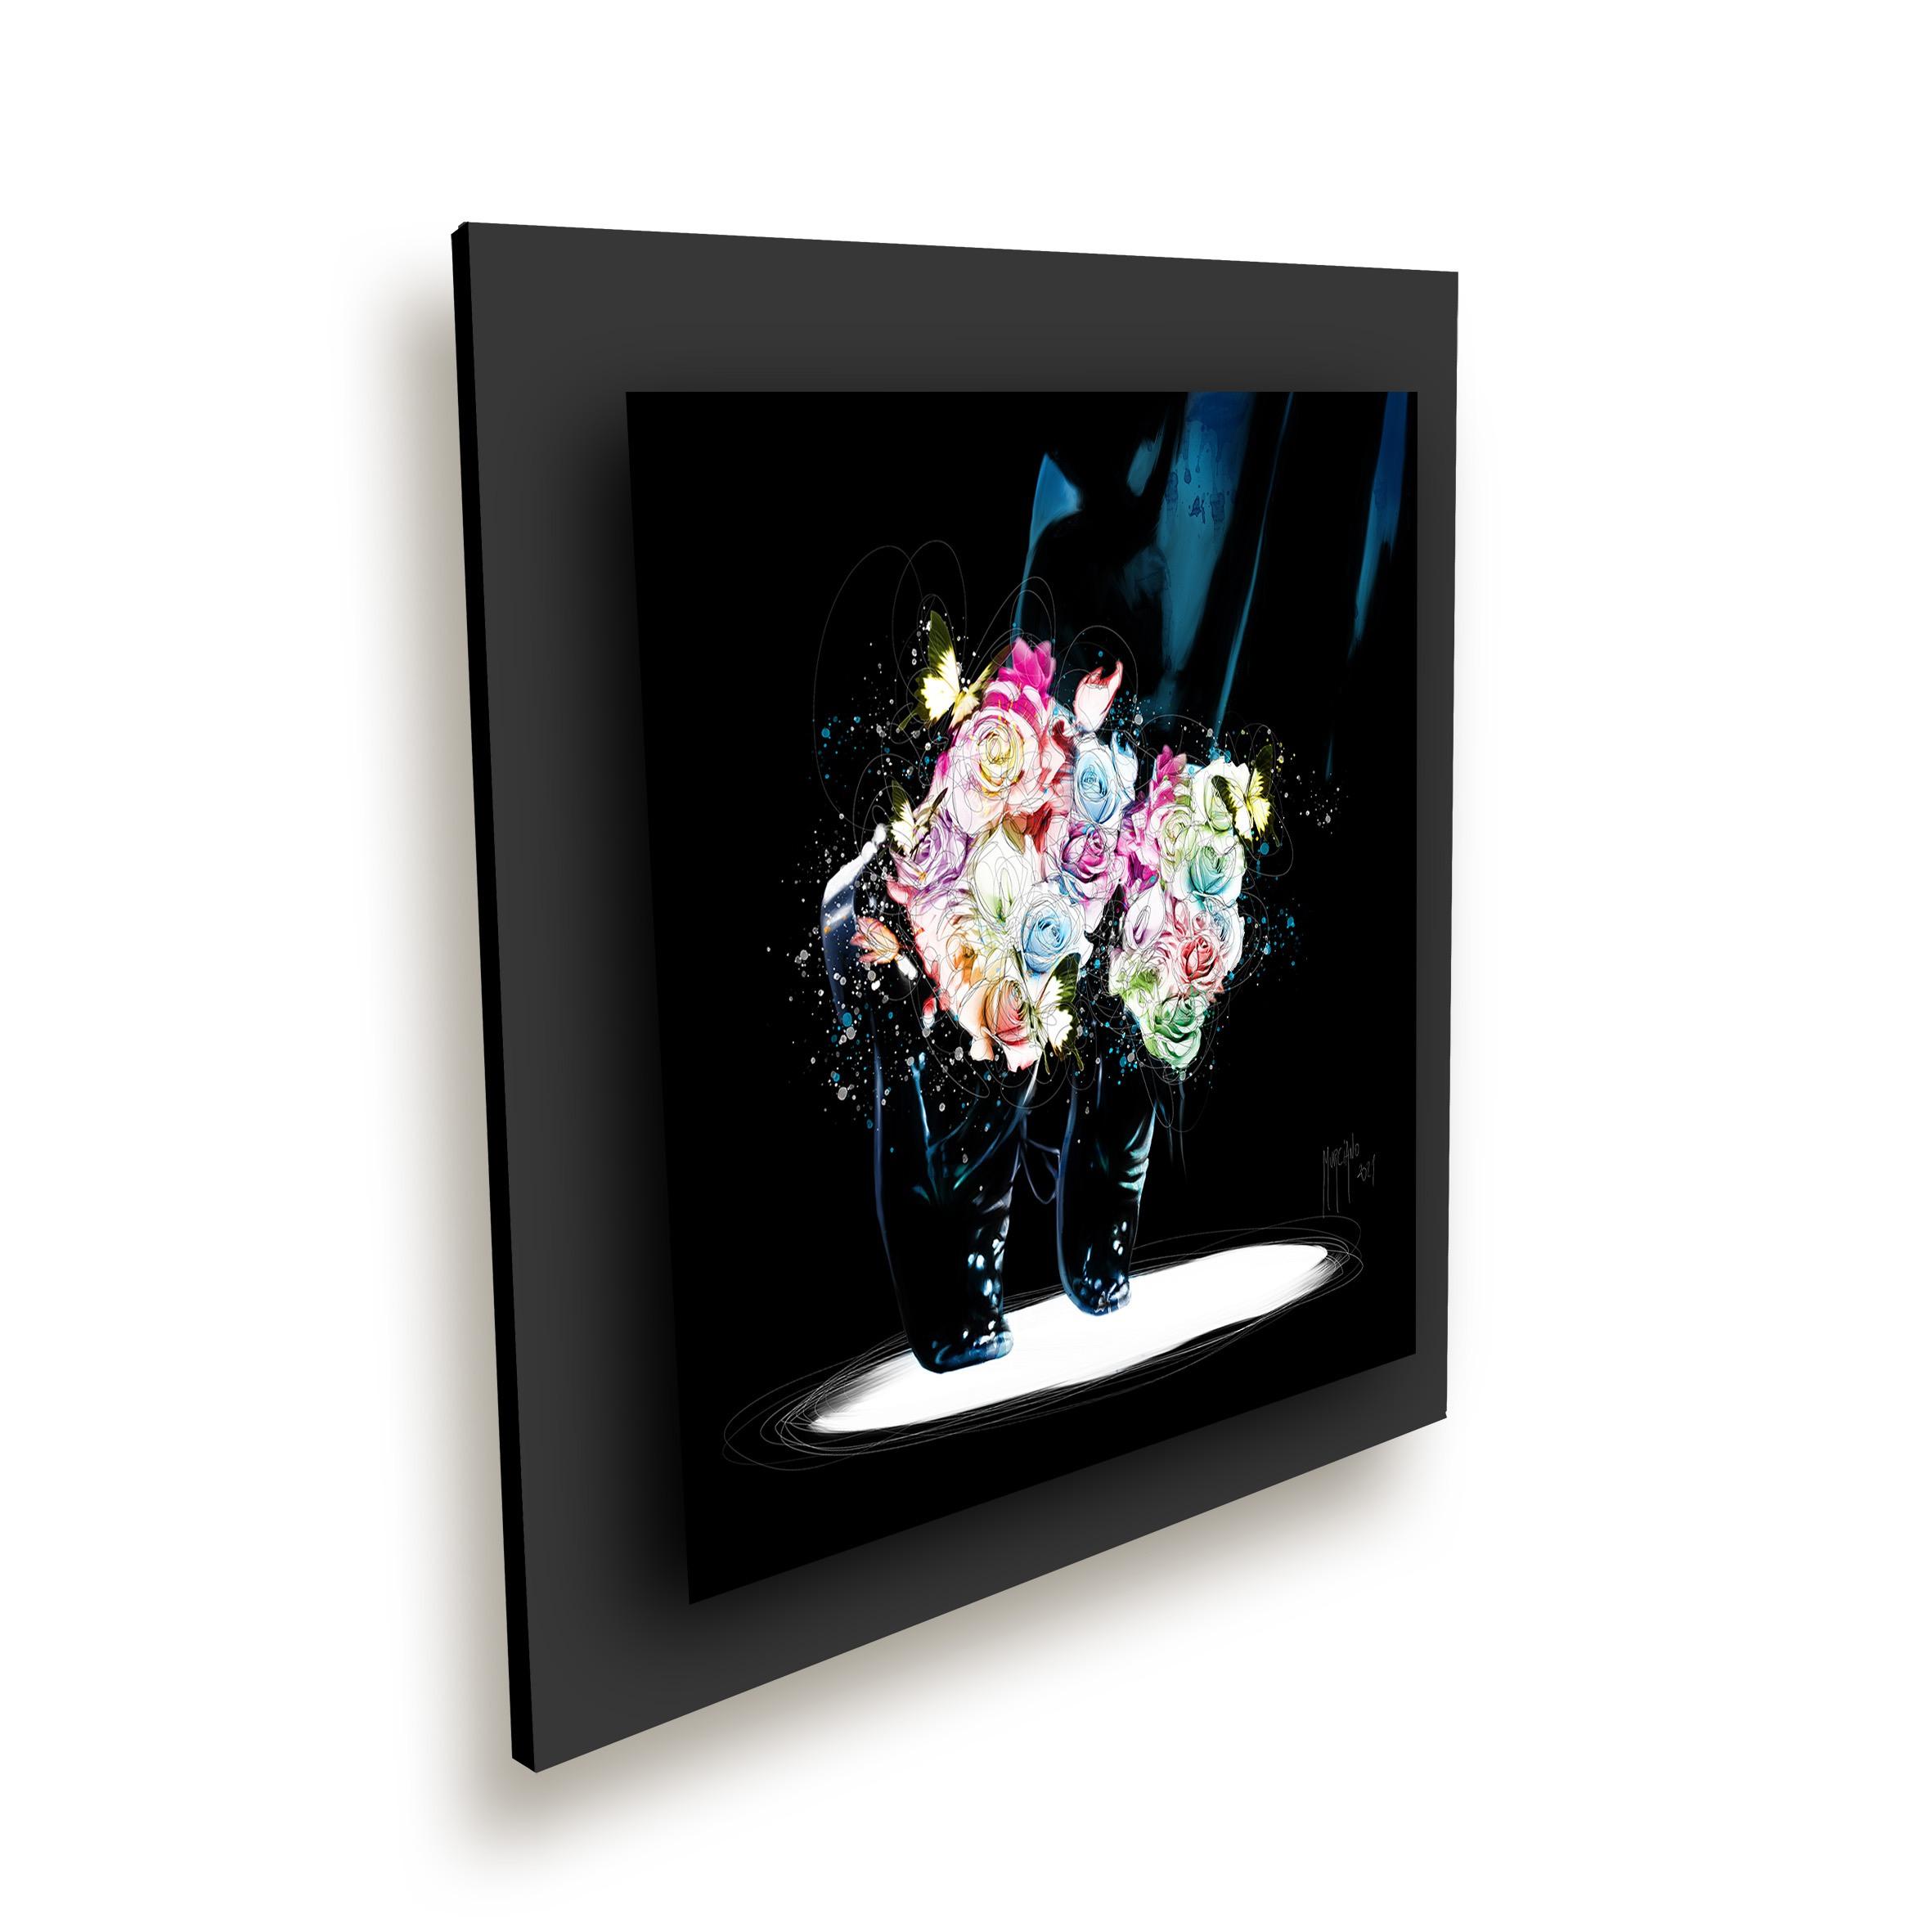 mickael jackson toile peinture - Galerie d'Art dans l'Hérault - art contemporain pop art by Murciano